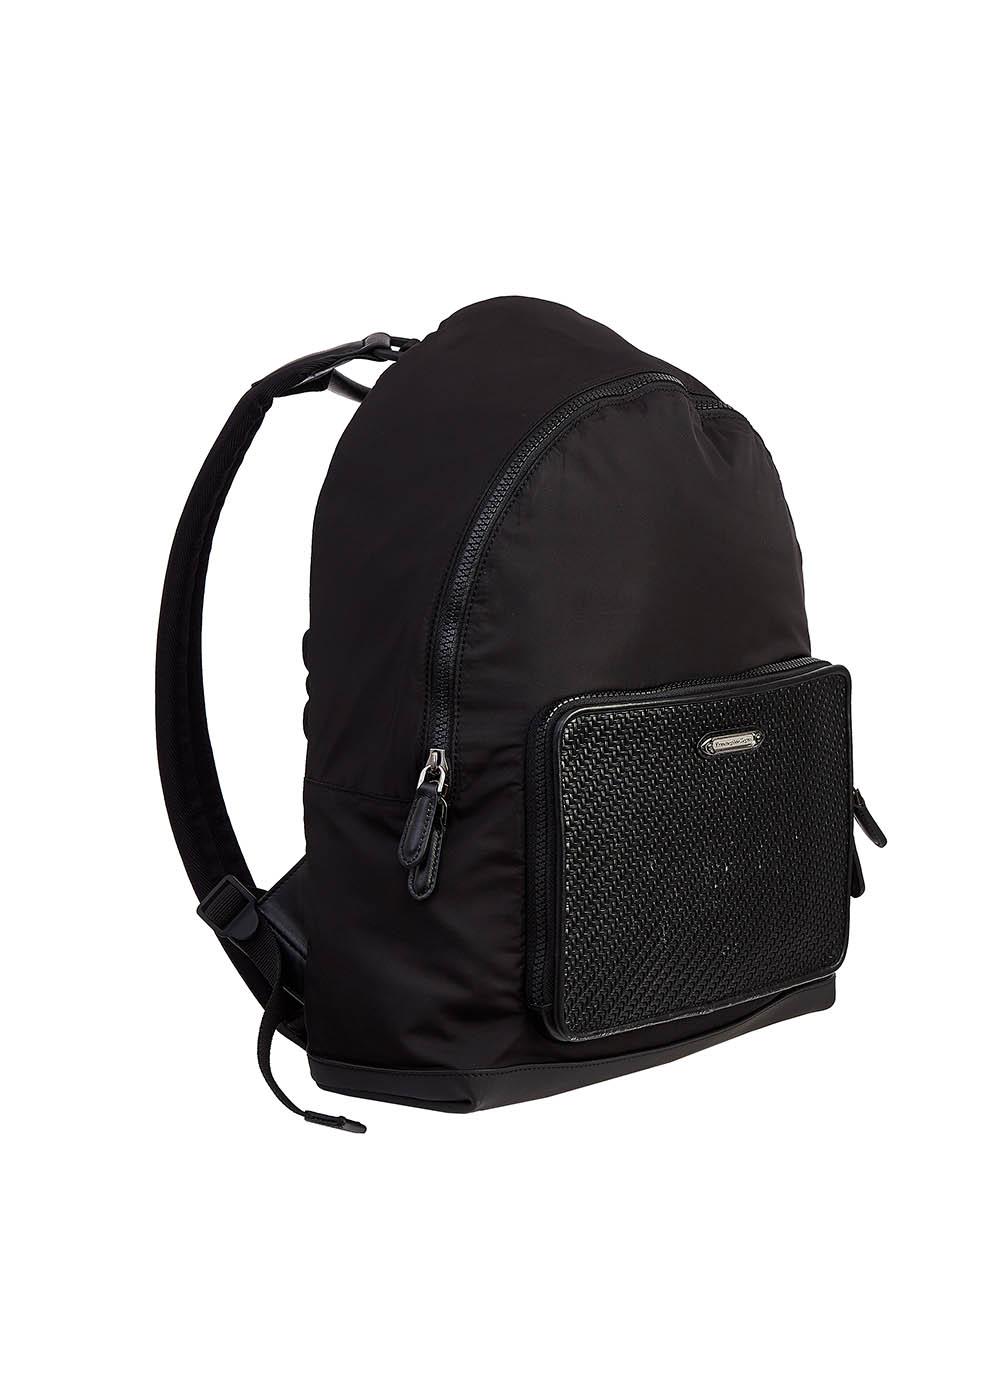 Купить Ermenegildo Zegna рюкзак